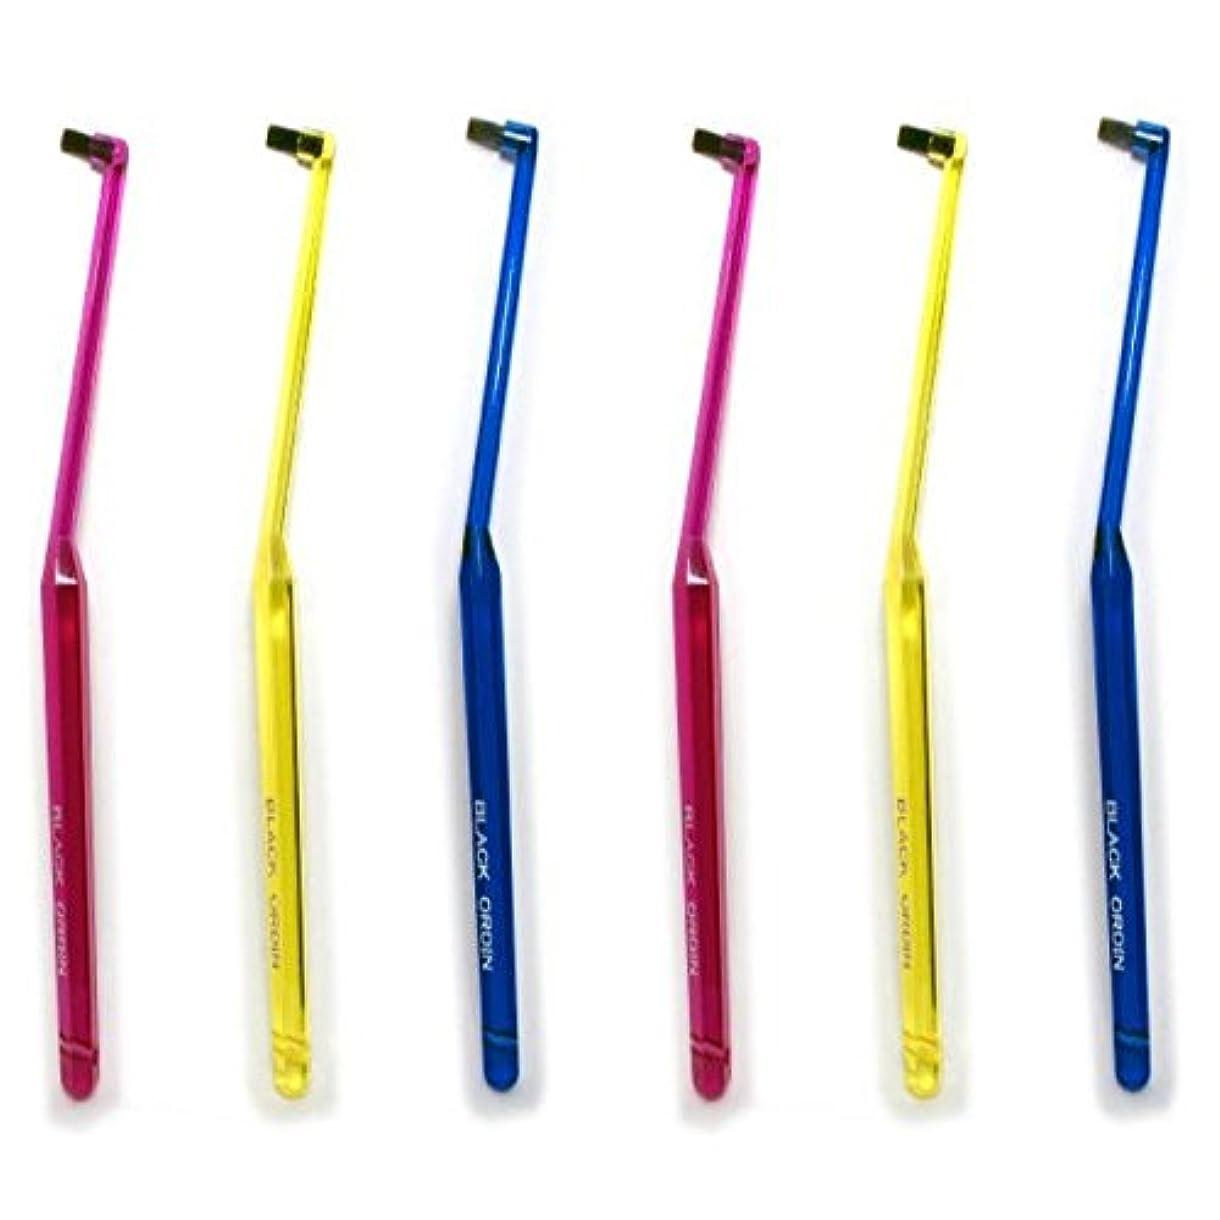 ワンタフトブラシ ブラックオーディン ワンタフト×6本セット 部分用歯ブラシ 歯磨き 歯ブラシ